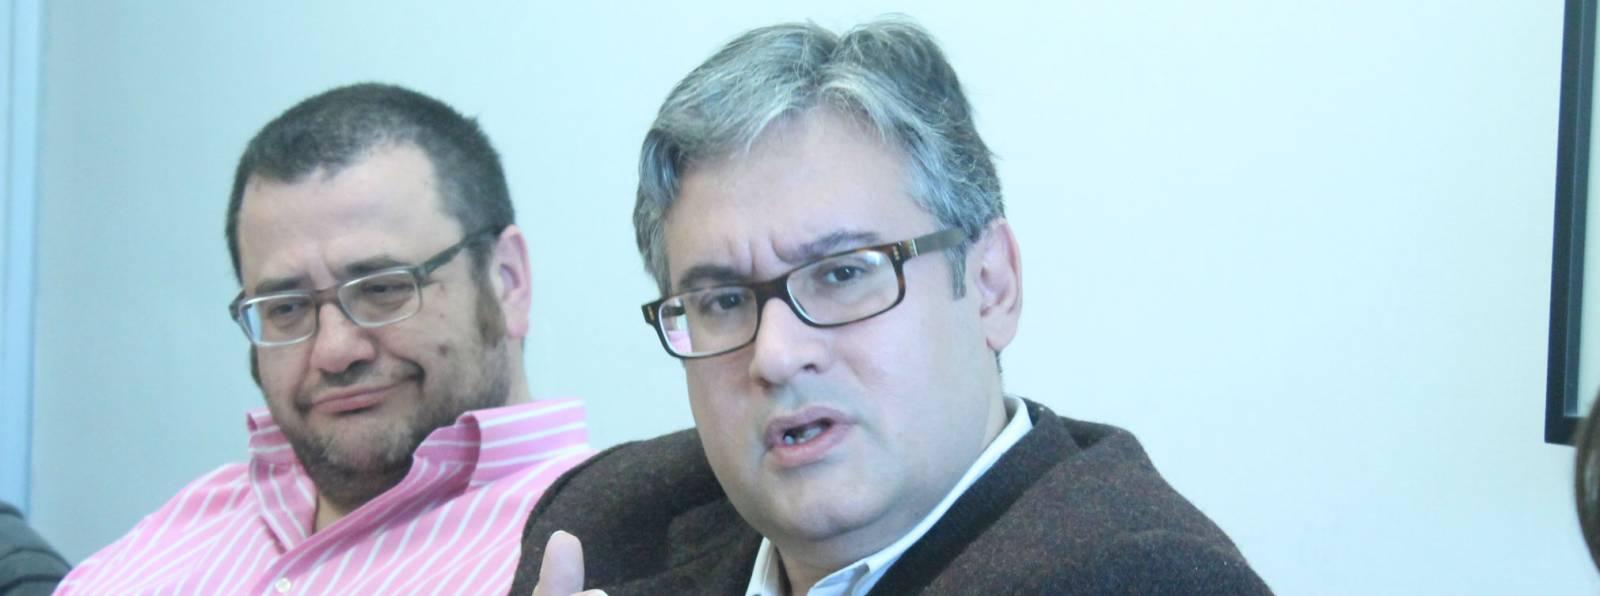 El escritor Juan Manuel de Prada mira a la cámara en un momento de su alocución. Fotos: Cristina Sánchez